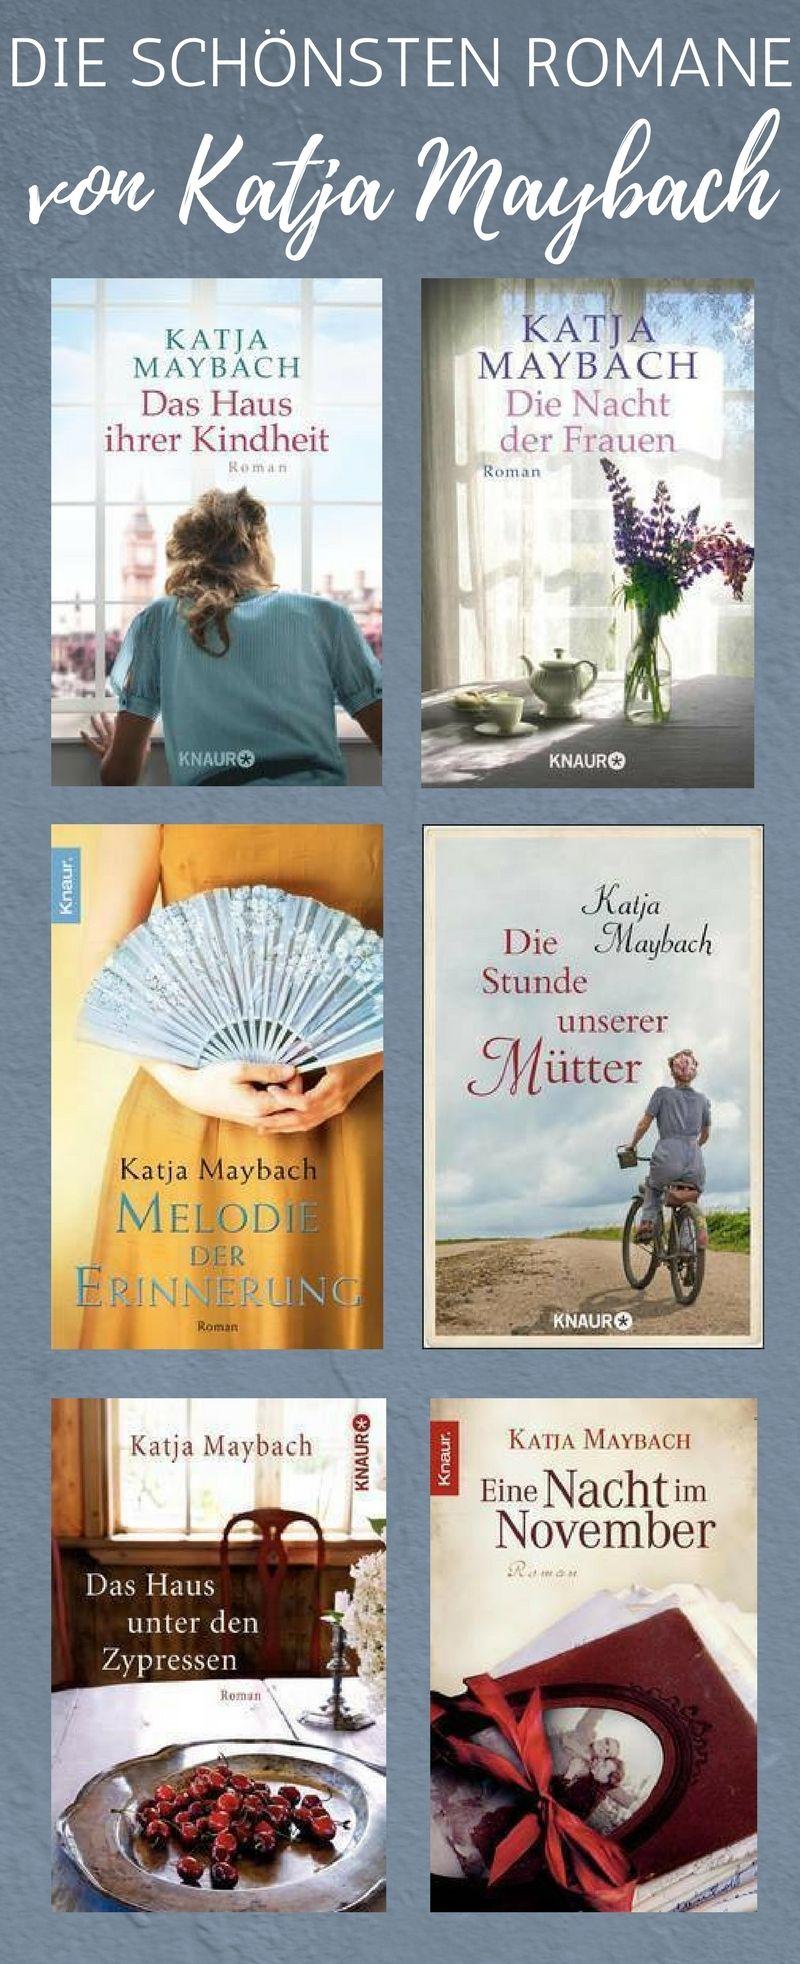 für eine kleine auszeit: die schönsten romane von katja maybach